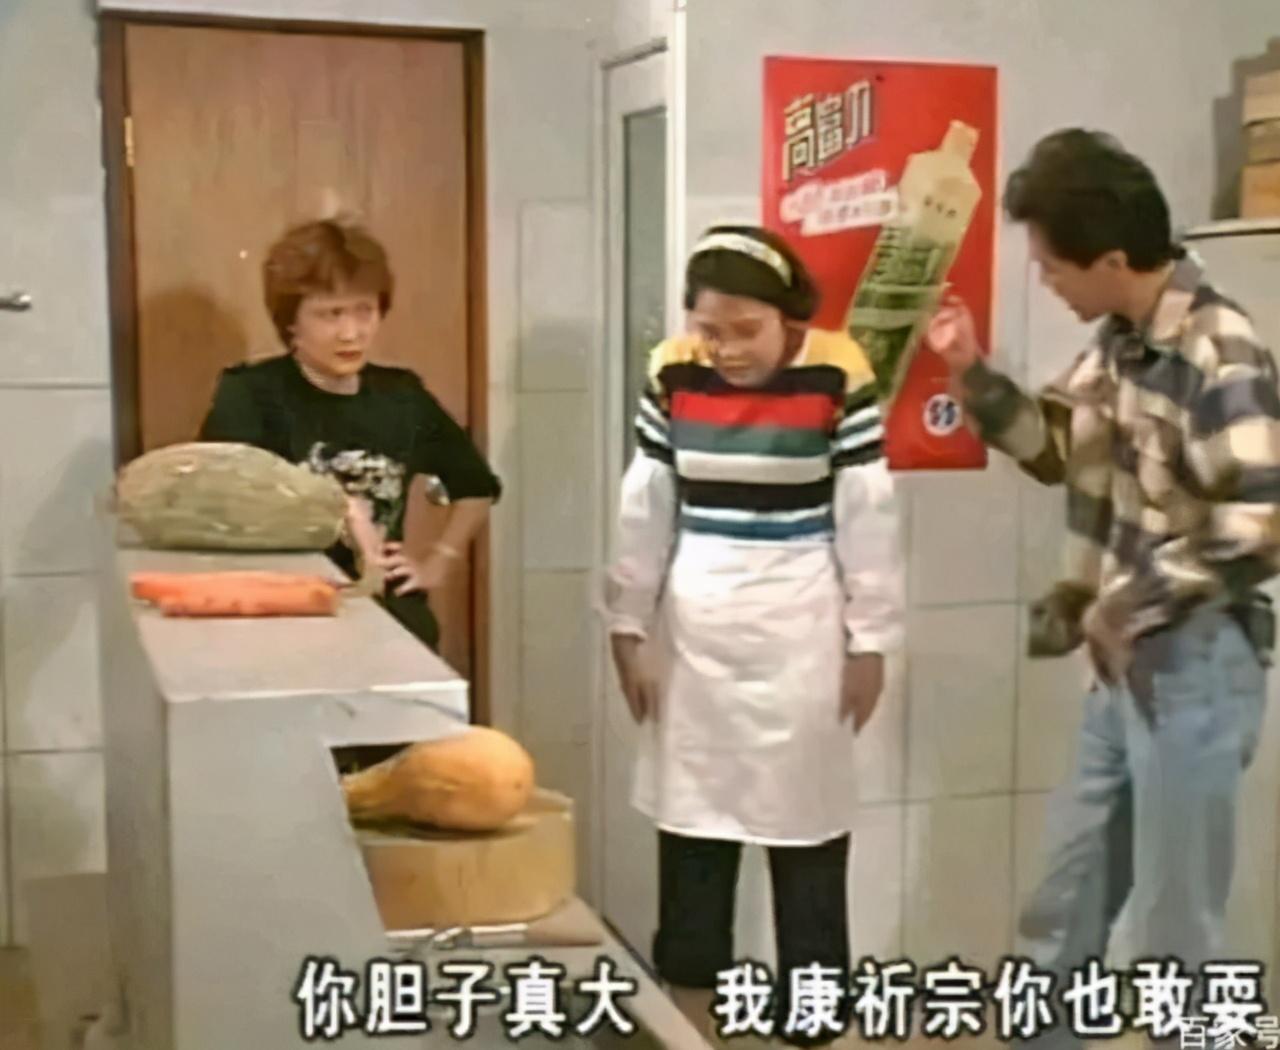 《外来媳妇本地郎》的李彩娇,是真化州人还是假化州人?